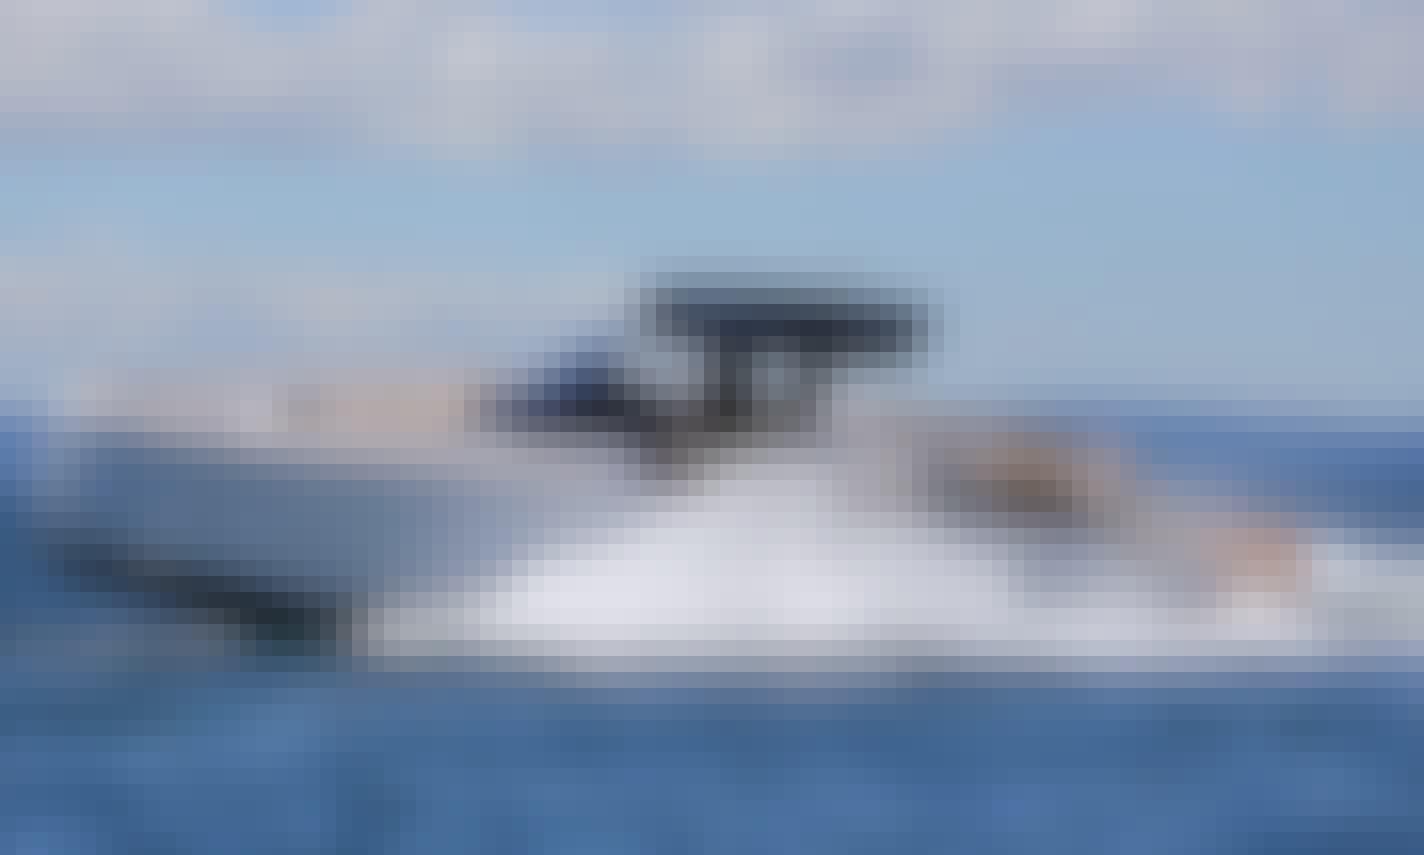 Daily Trip from Antiparos to Despotiko Island with Pardo 38 Power Yacht